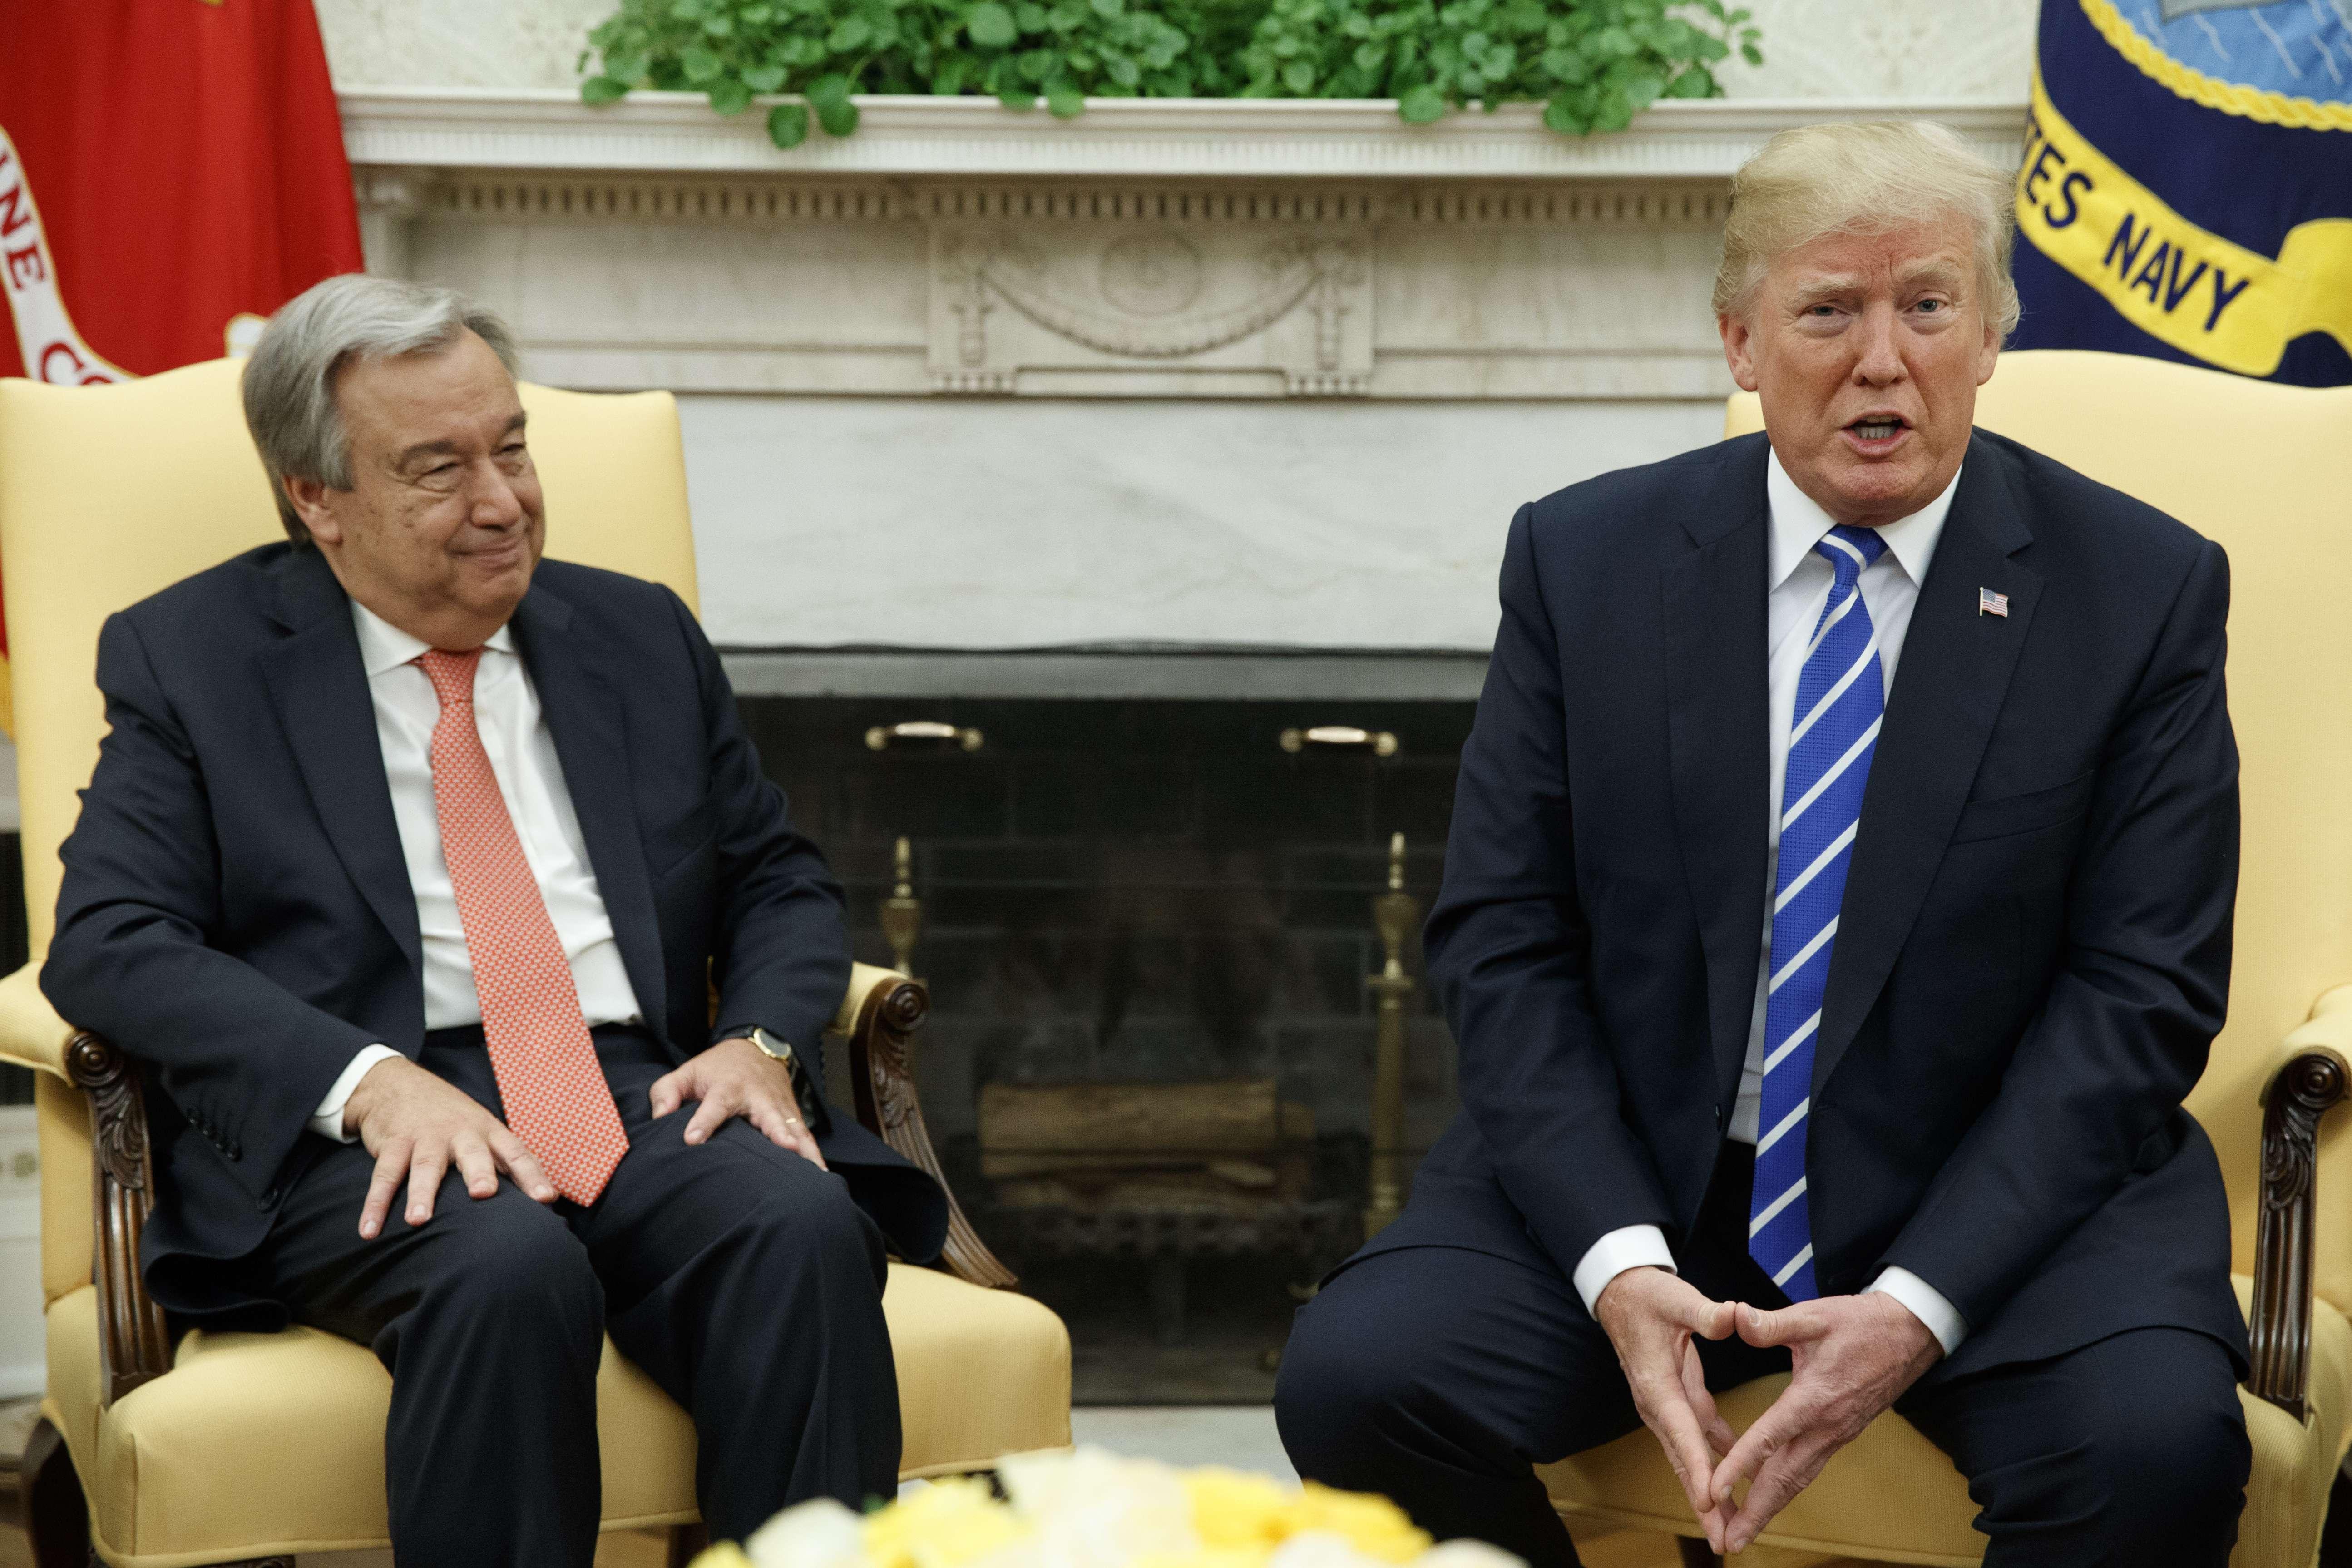 Le président Donald Trump s'exprime lors d'une réunion avec le secrétaire général de l'ONU, Antonio Guterres, à la Maison Blanche, le 20 octobre 2017, à Washington.